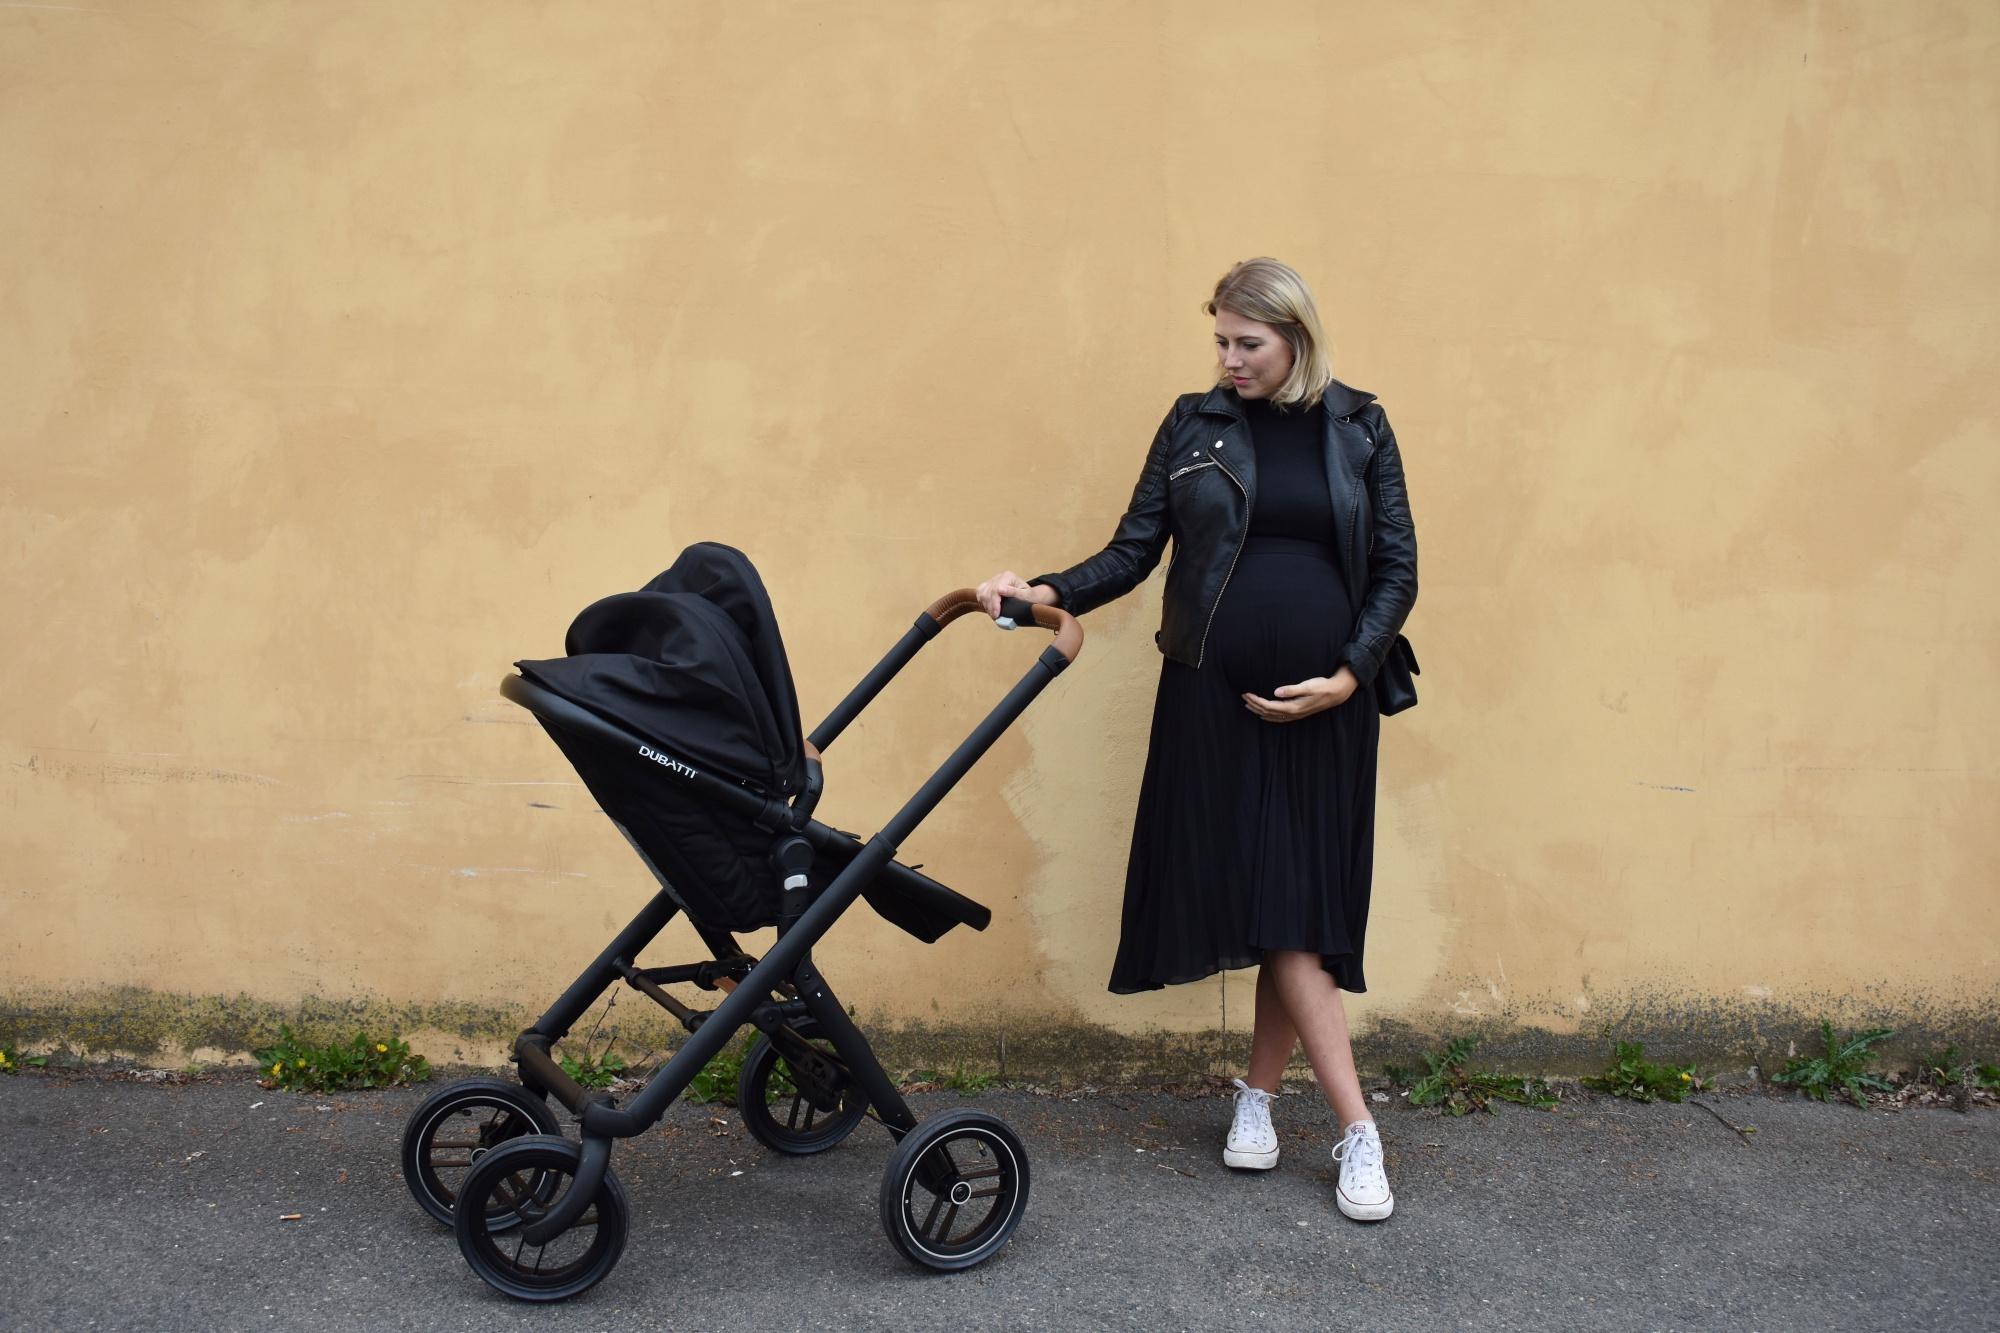 Kombi Kinderwagen, Dubatti, Schwangerschaft, Umstandsmode